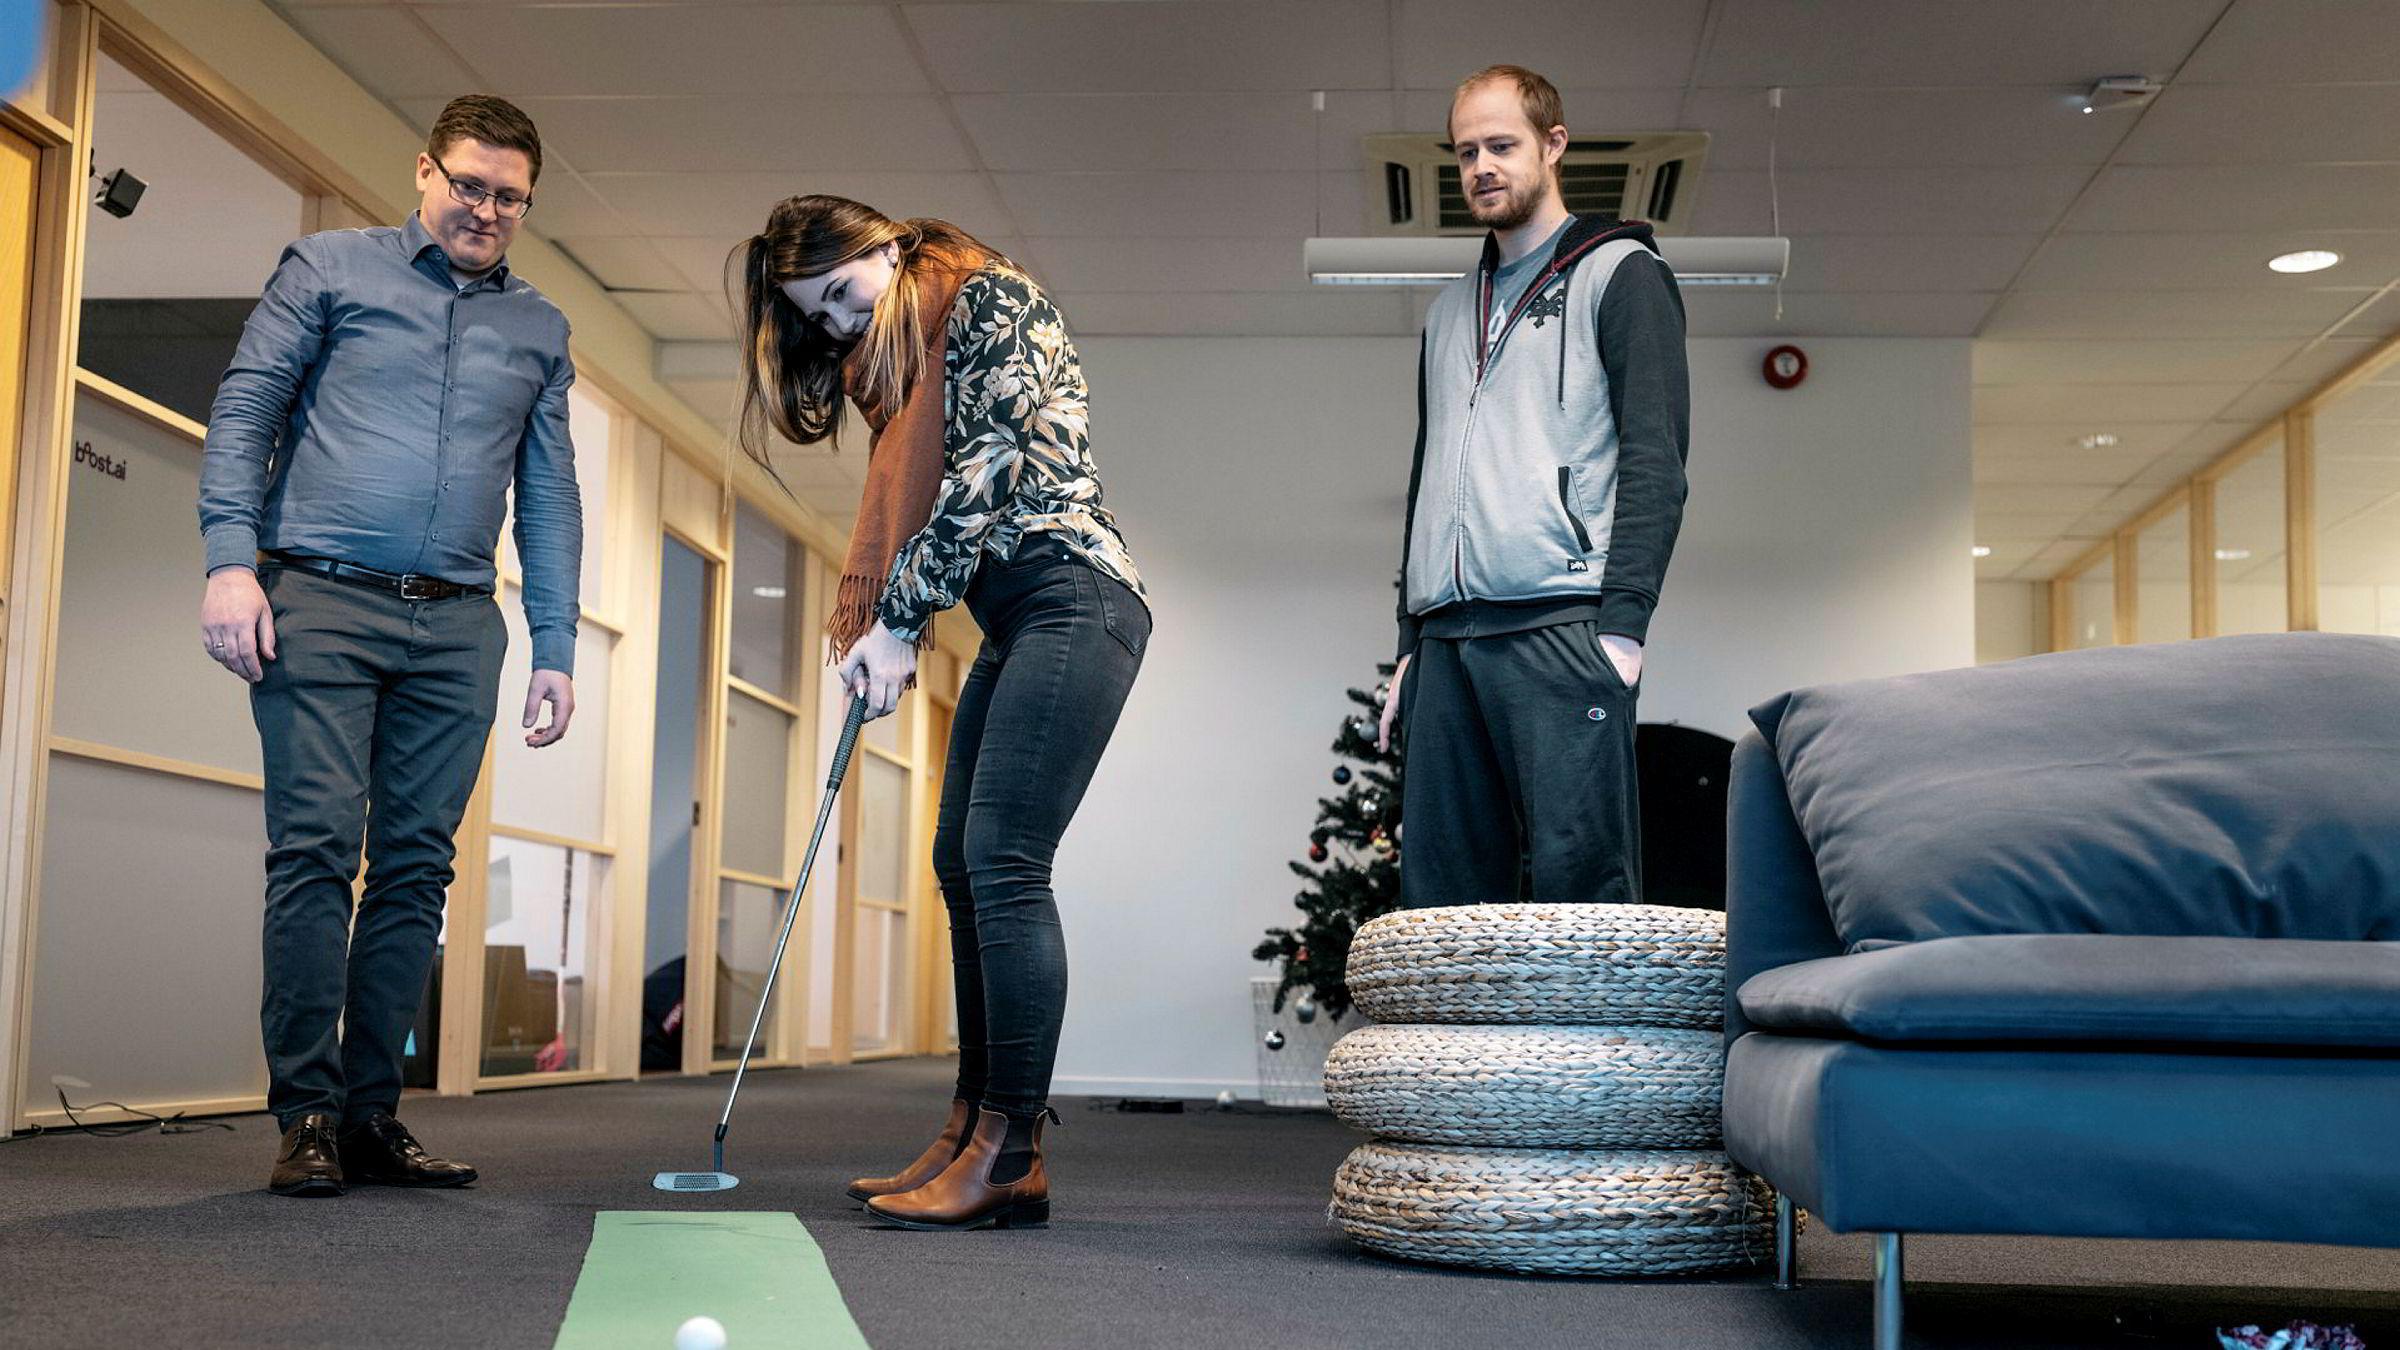 Selskapet Boost AI i Stavanger satser på å doble omsetningen hvert år fremover. Camilla Gjetvik, i midten, Lars Selsås, til høyre og Henry Vaage Iversen, til venstre.